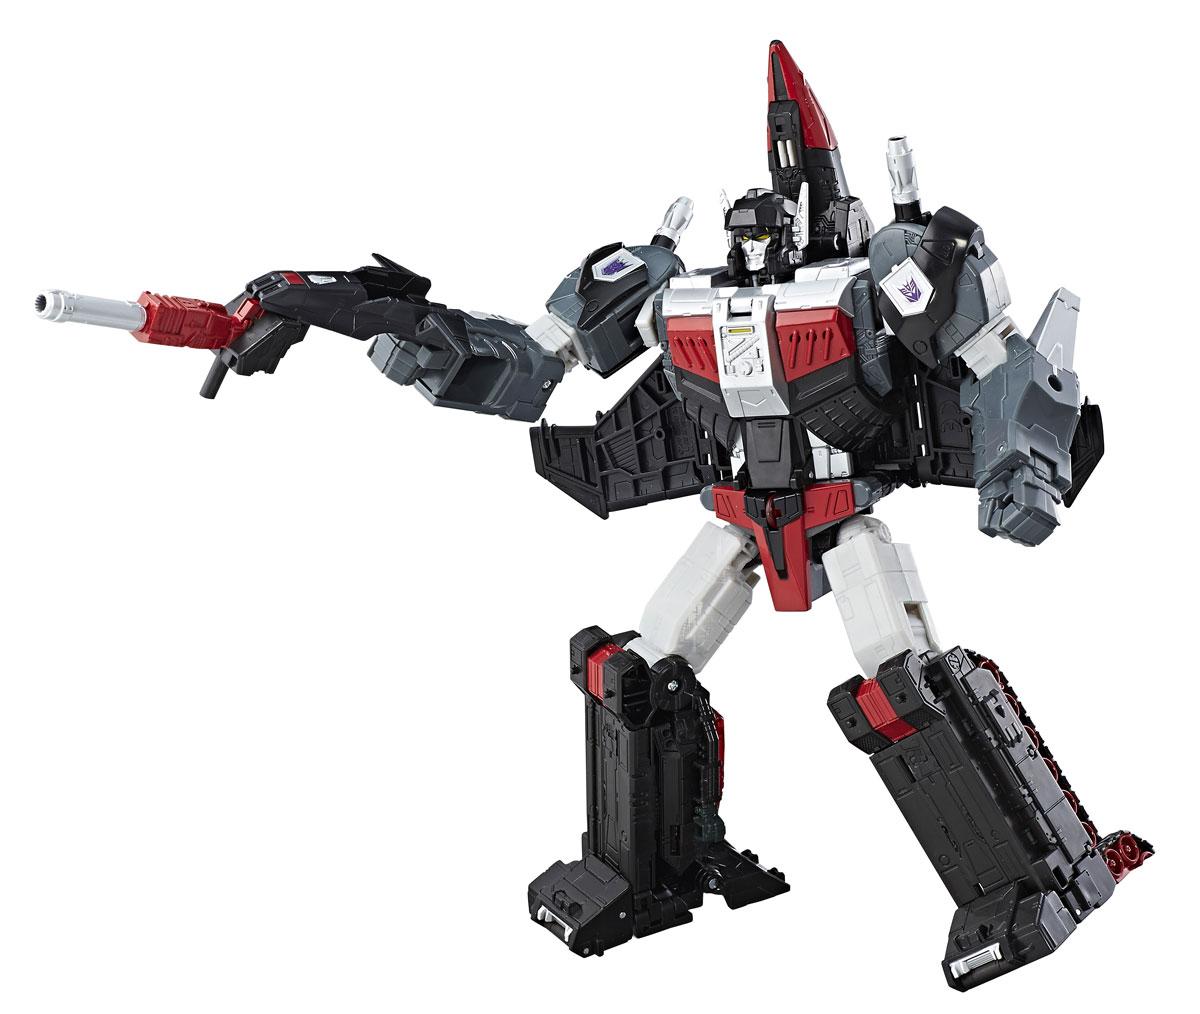 Transformers Трансформер Ominus & Sky Shadow - Фигурки